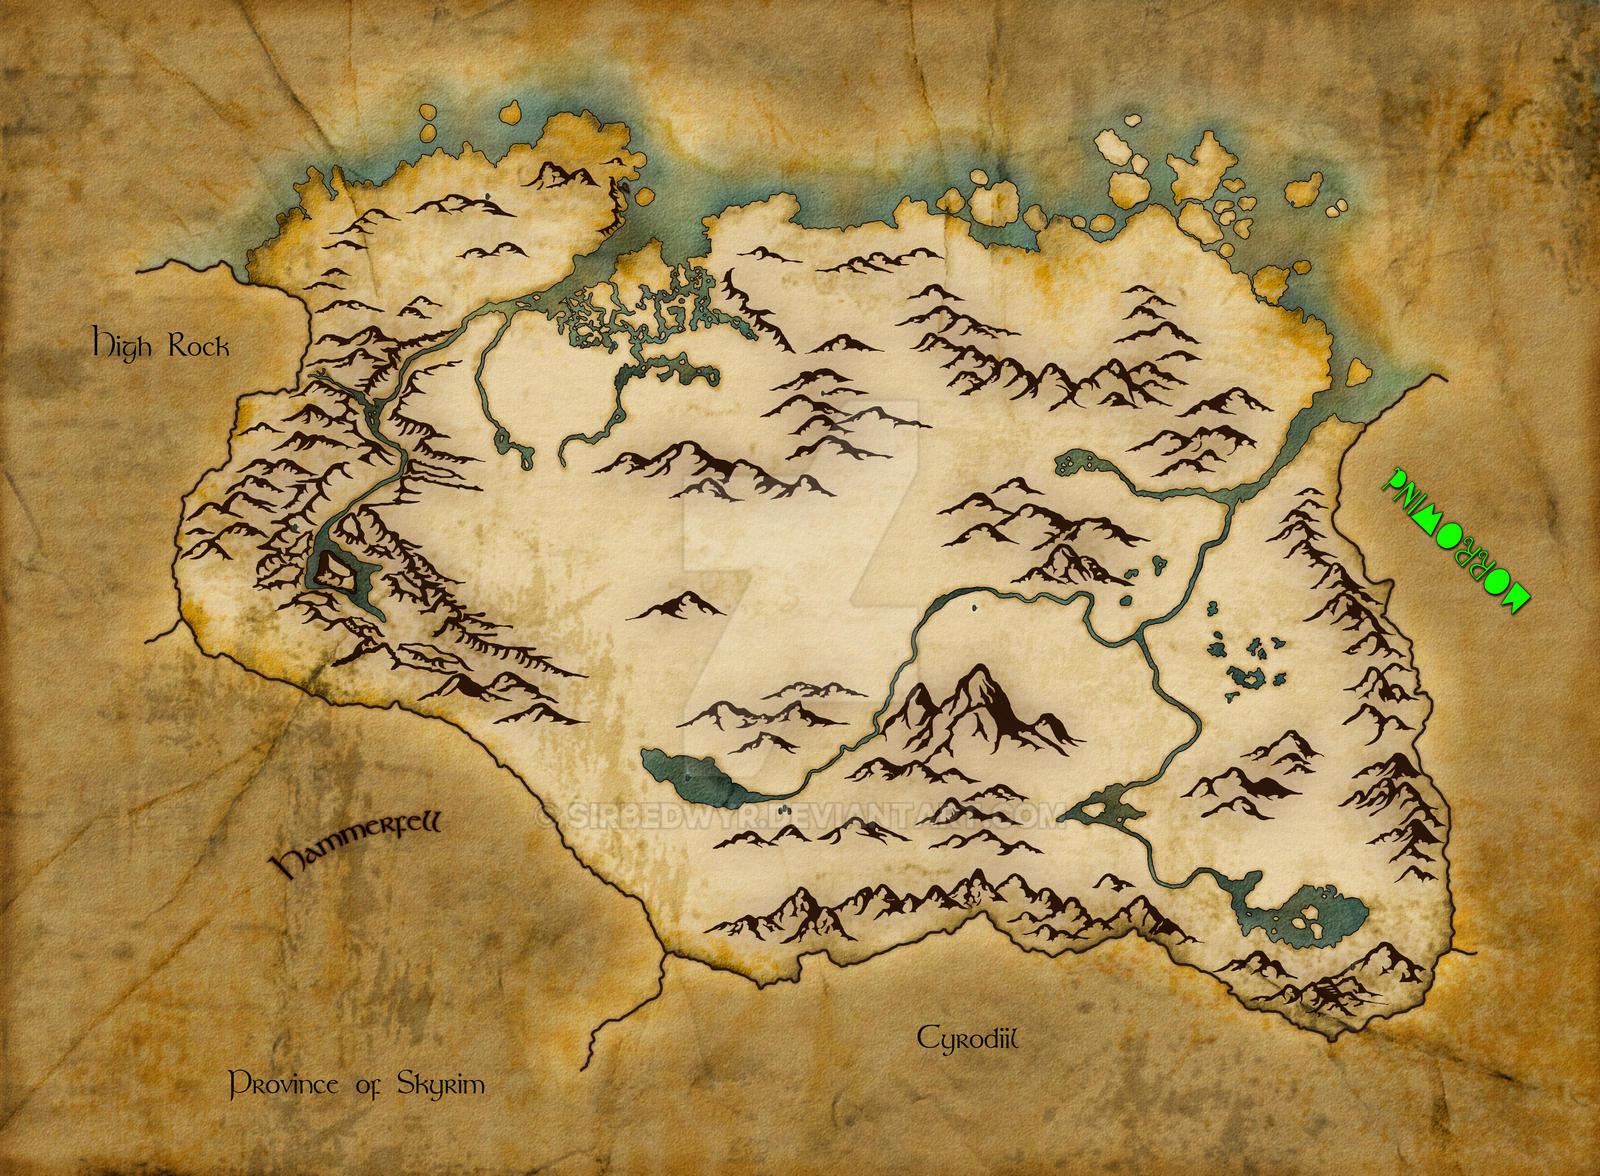 Skyrim World Map WIP By SirBedwyr